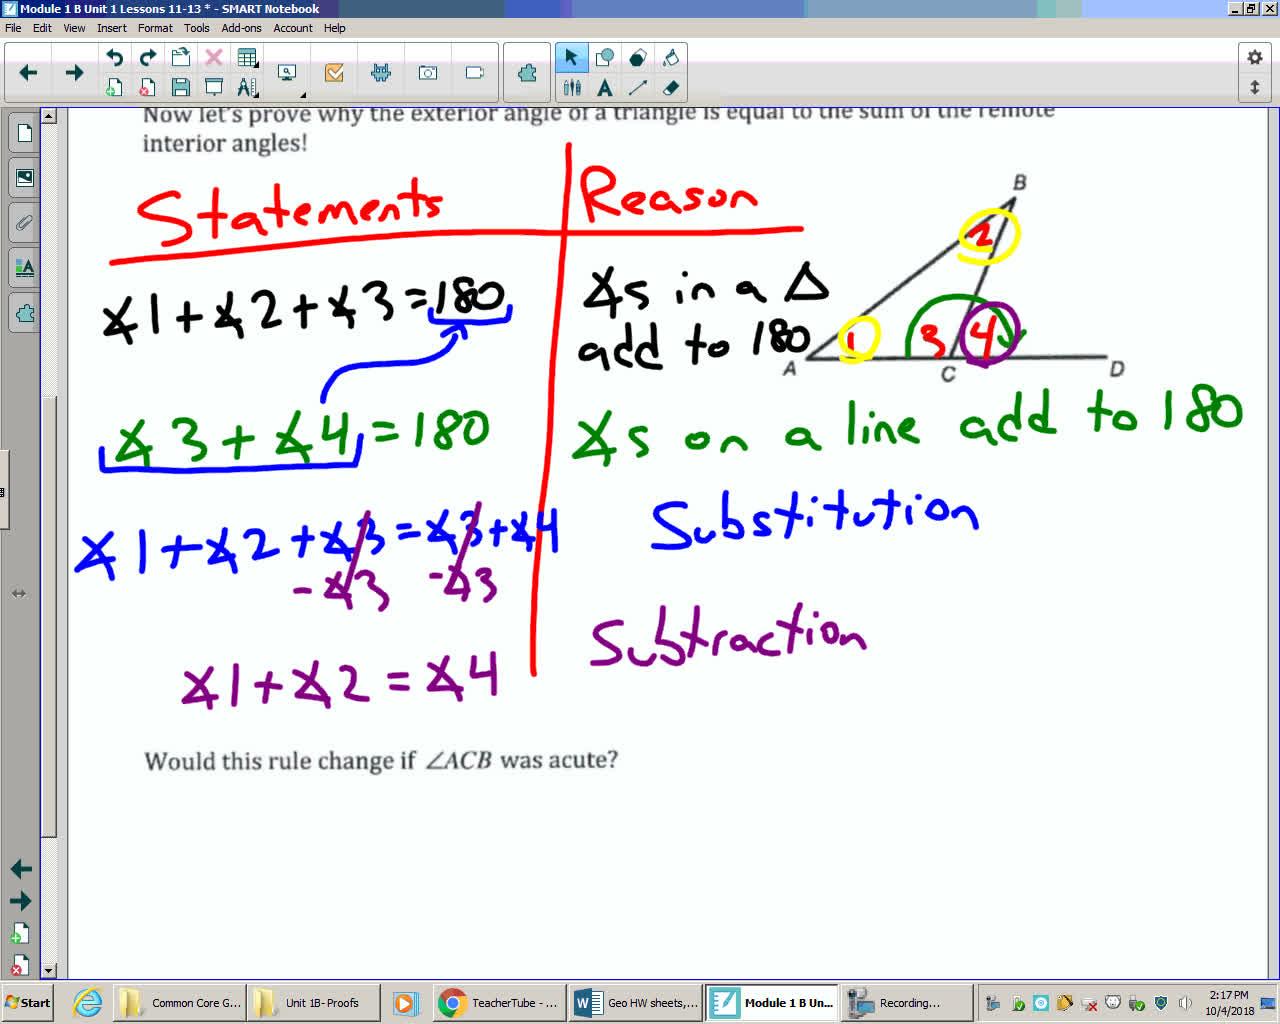 Mod 1B Lesson 11